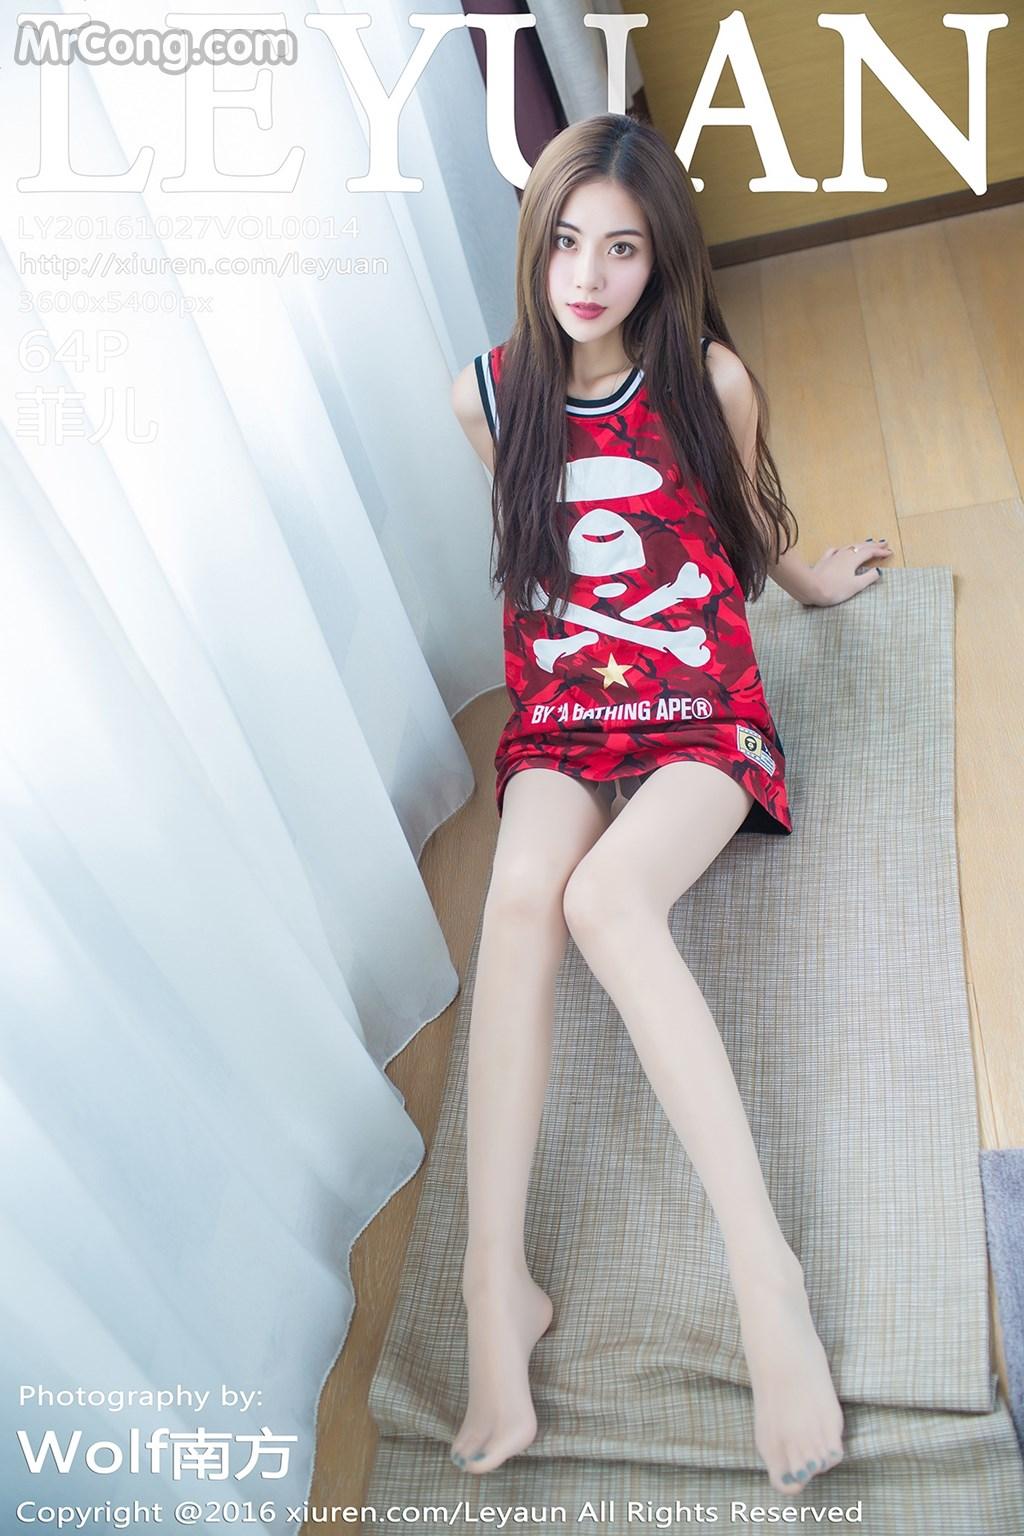 LeYuan Vol.014: Người mẫu Fei Er (菲儿) (65 ảnh)